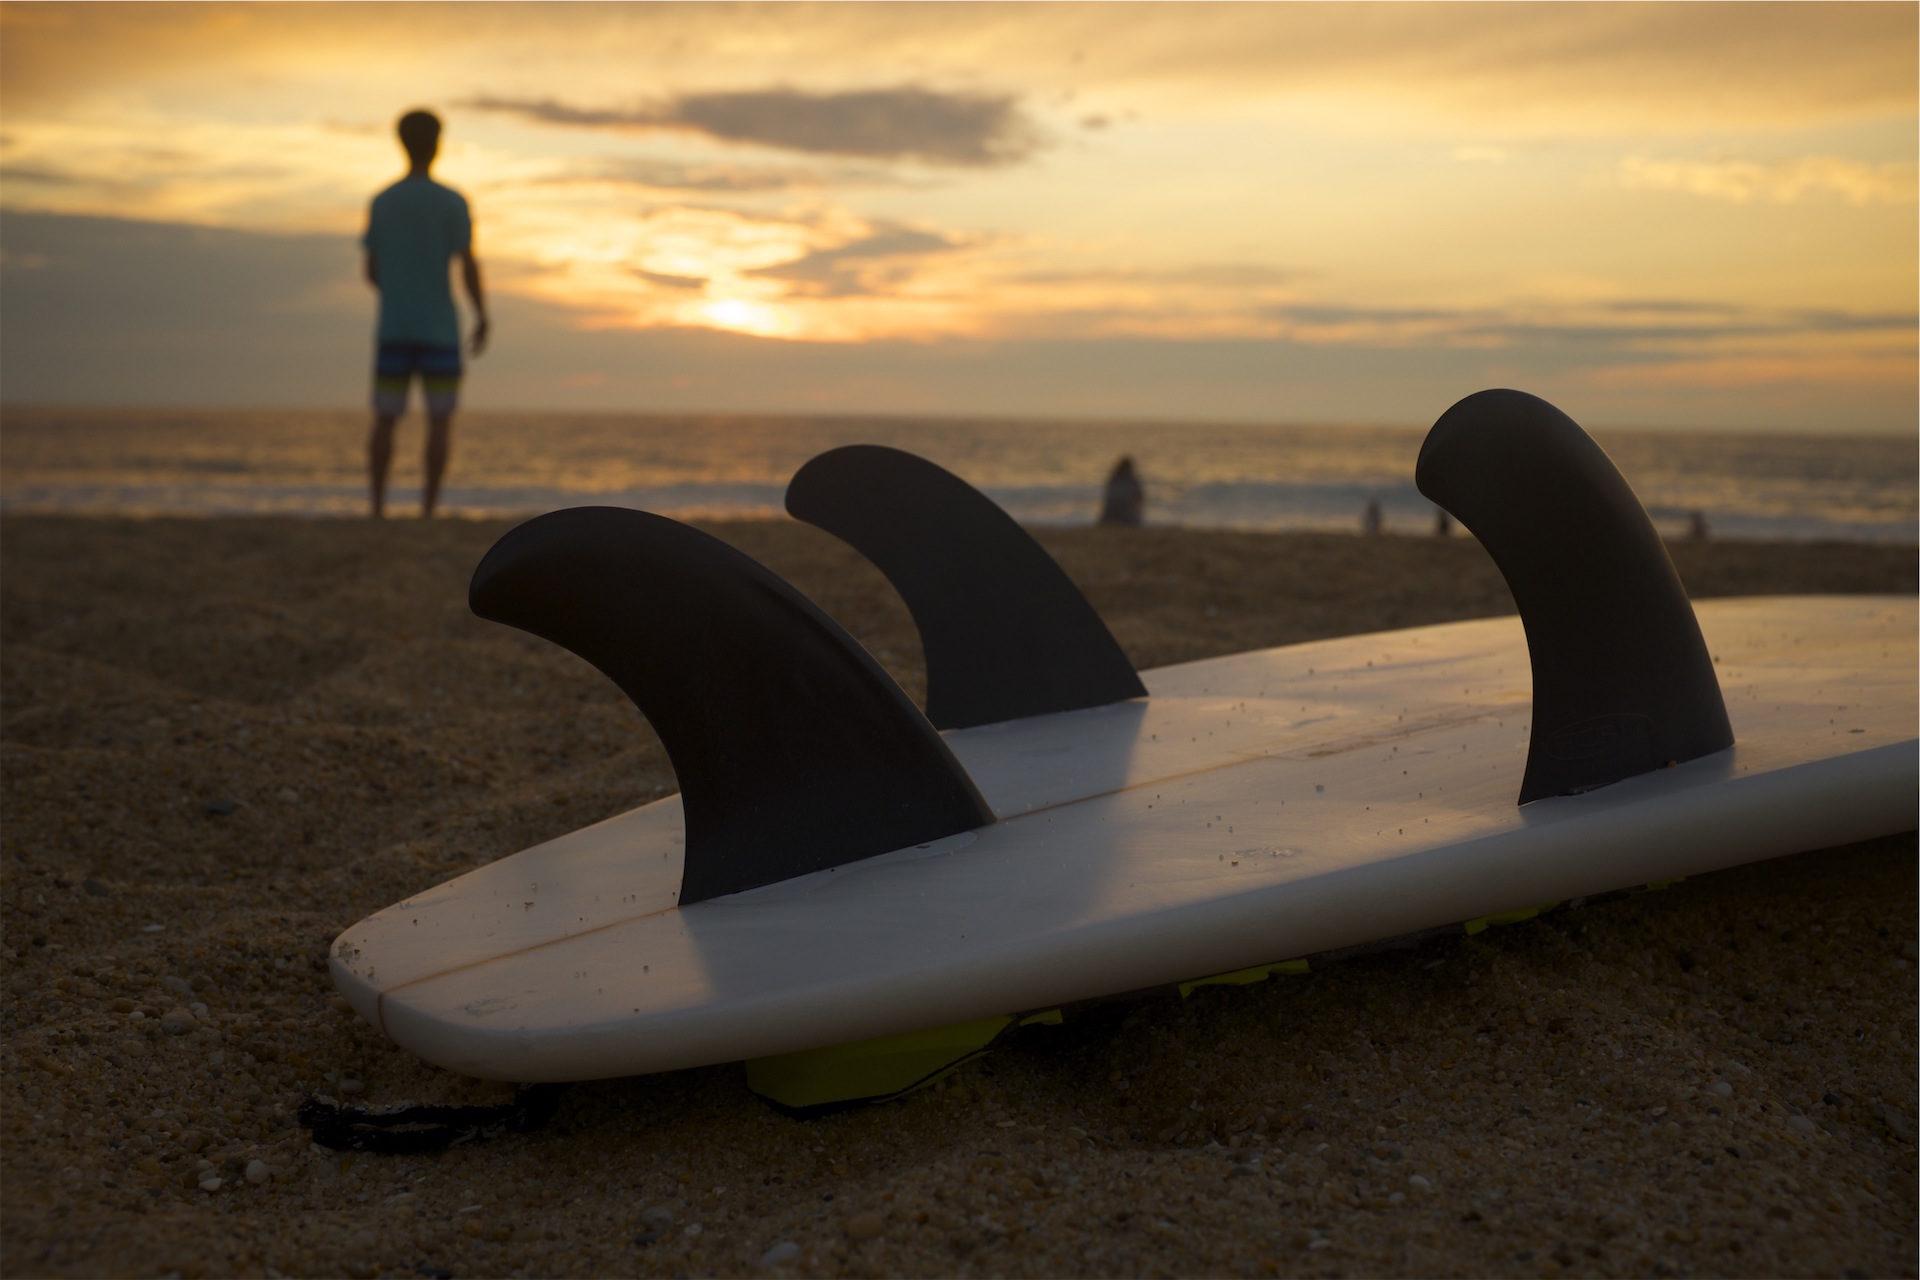 Прибой, Пляж, Таблица, песок, риск - Обои HD - Профессор falken.com